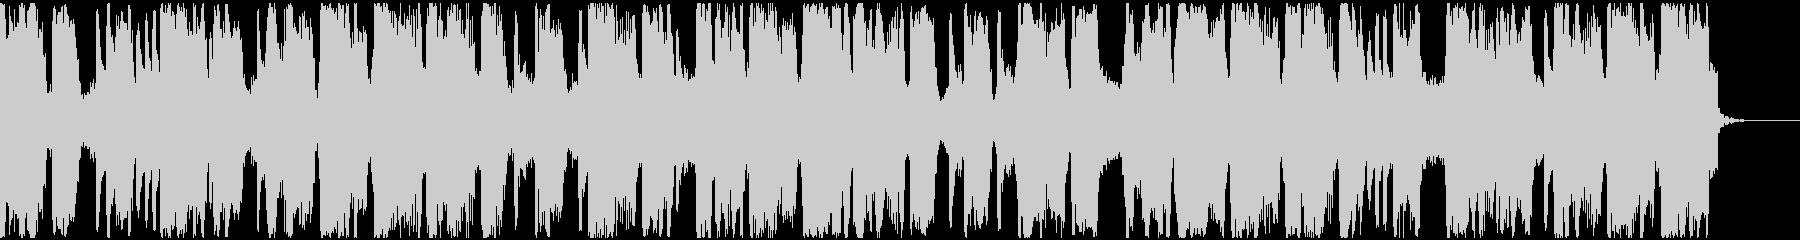 【フューチャーベース】4、ショート4の未再生の波形